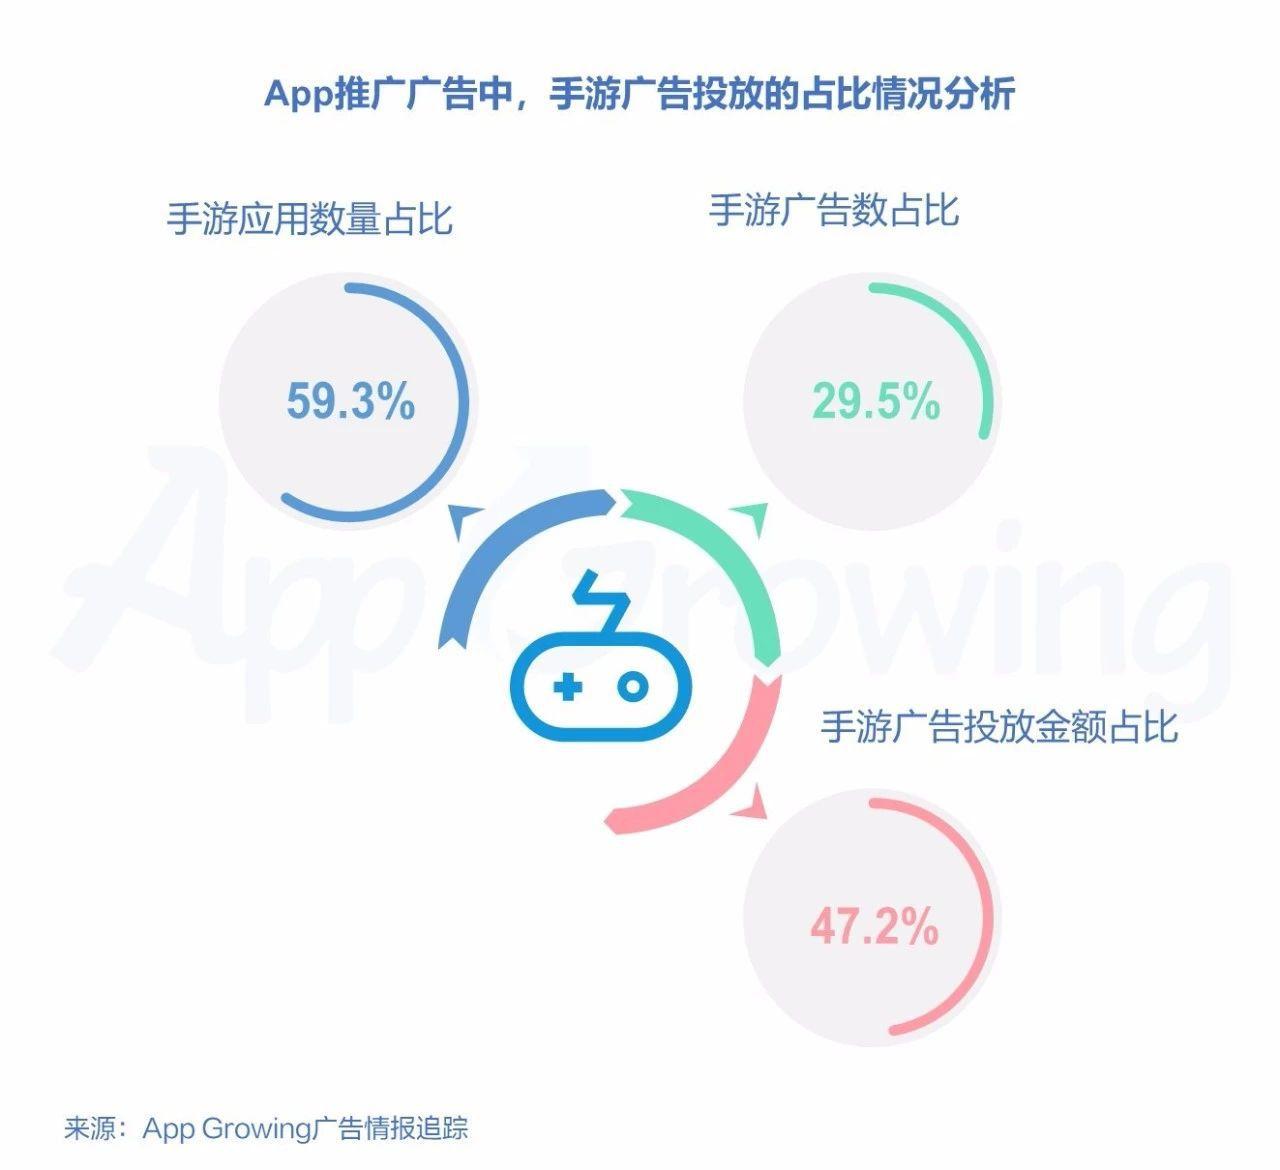 在App下载广告中,手游广告预估投放总金额接近5成